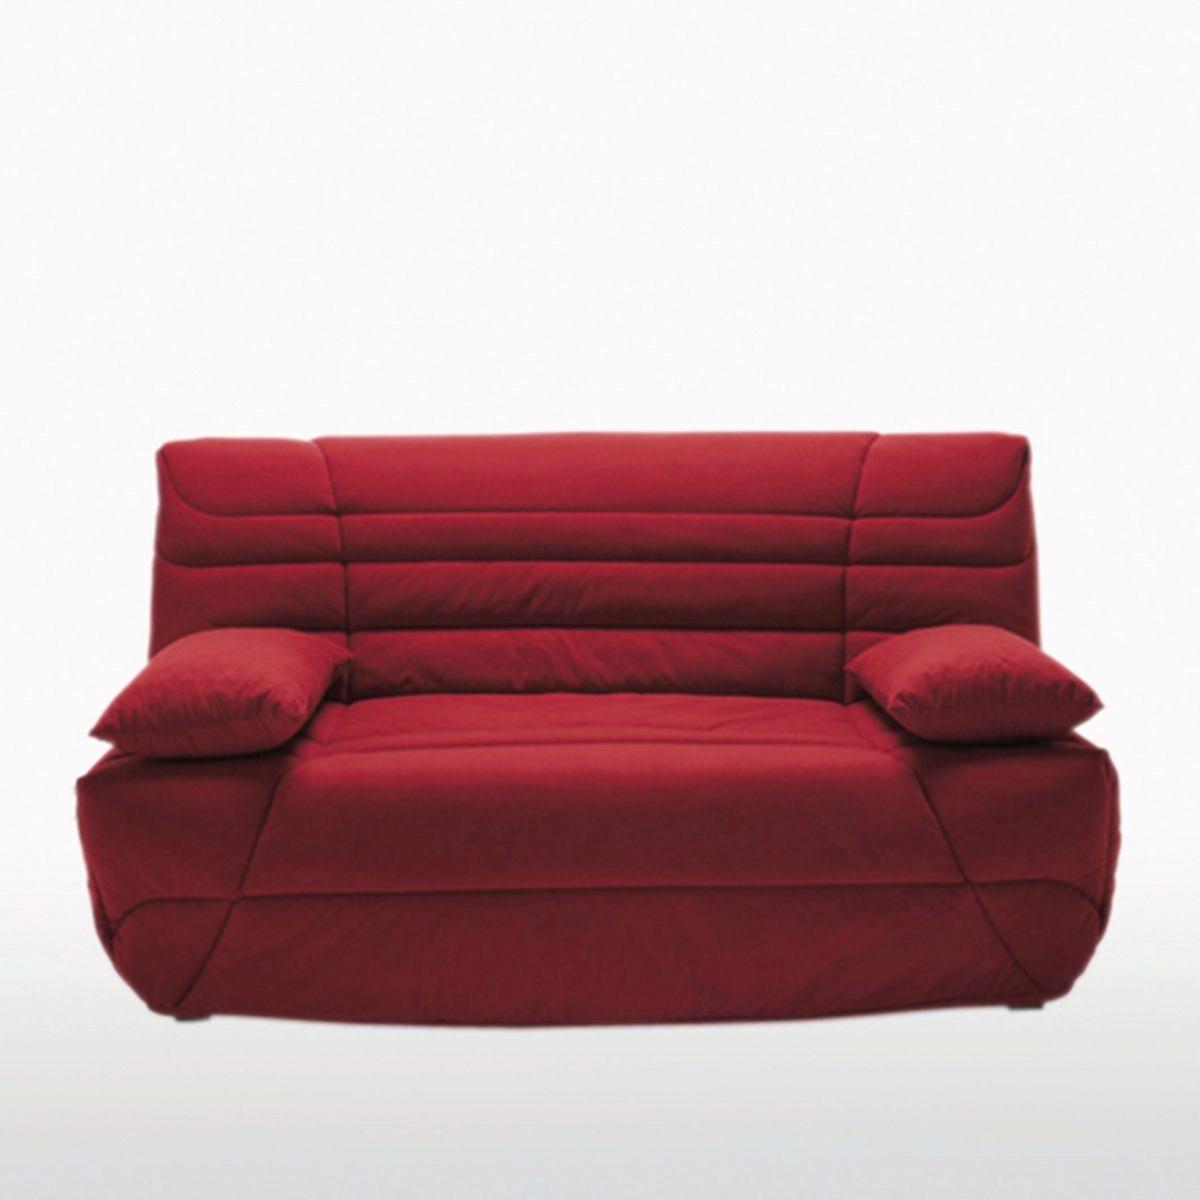 Чехол стеганый для дивана-книжки, толщина 9 смЧехол для дивана-книжки, усовершенствованная модель. - Практичный, позволит сменить декор и продлить срок службы вашего дивана-книжки! Сделано в Европе.Размеры :3 варианта ширины :- Ширина 90 см, толщина 9 см- Ширина 140 см, толщина 9 см- Ширина 160 см, толщина 9 смОписание :- Практичный, позволит сменить декор и продлить срок службы вашего дивана-книжки!- Стеганый чехол с наполнителем из полиэстера, плотность. 250 г/м3Застежка на молнию- Поставляется в комплекте с 2 чехлами на подушку-валик (кроме модели 90 см)Обивка :- Однотонная расцветка : 100% хлопок, пропитка от пятен (250 г/м?)- Расцветка с рисунком : 50% хлопка, 50% полиэстера- Меланжевая расцветка : 100% полиэстер- Предоставляем бесплатные образцы материала : Введите примеры дивана-книжки в поисковой системе на сайте laredoute.ru.Другие модели коллекции дивана-книжки вы можете найти на сайте laredoute.ru<br><br>Цвет: антрацит,бежевый песочный,горчичный,красный,светло-серый,серо-каштановый меланж,серо-коричневый каштан,сине-зеленый,синий морской,темно-серый меланж,шоколадно-каштановый<br>Размер: 160 x 200  см.160 x 200  см.140 x 190  см.90 x 190  см.140 x 190  см.140 x 190  см.140 x 190  см.90 x 190  см